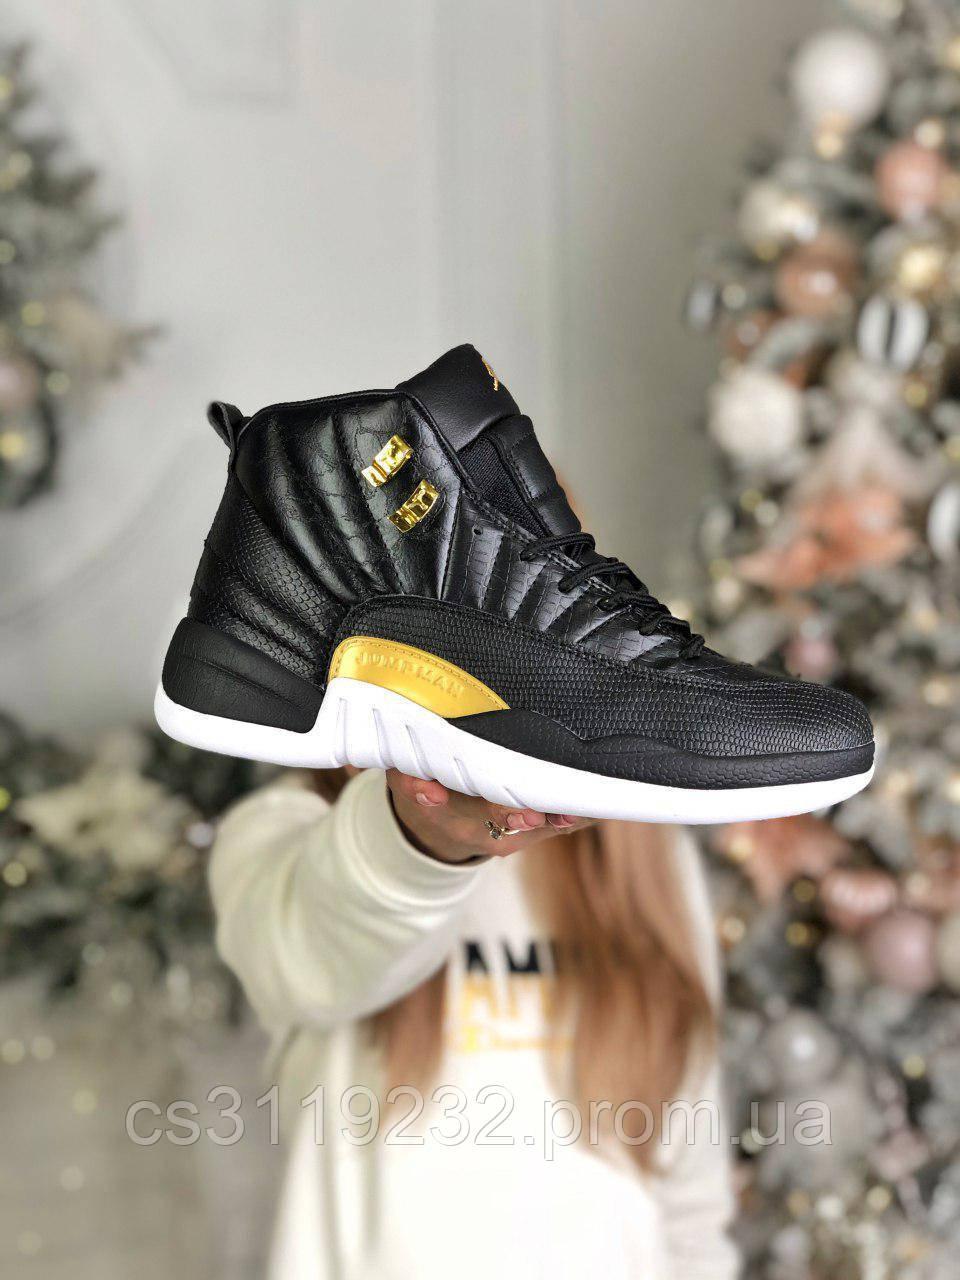 Чоловічі кросівки Air Jordan Retro 12 Snakeskin Black (чорні)